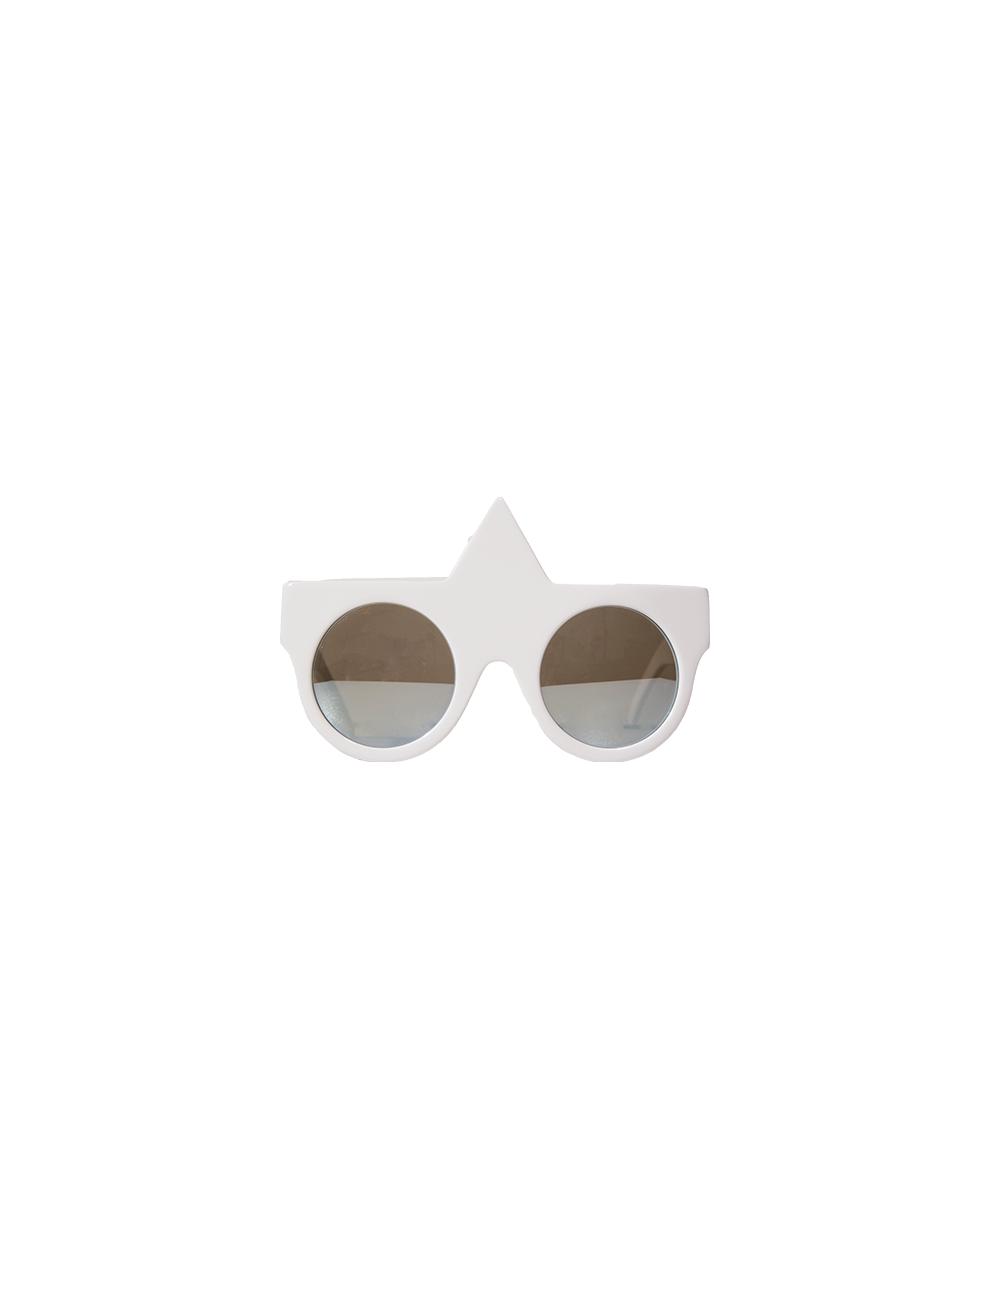 FAKOSHIMA Fakoshima 01/01/01 (limited edition)  EyewearShop